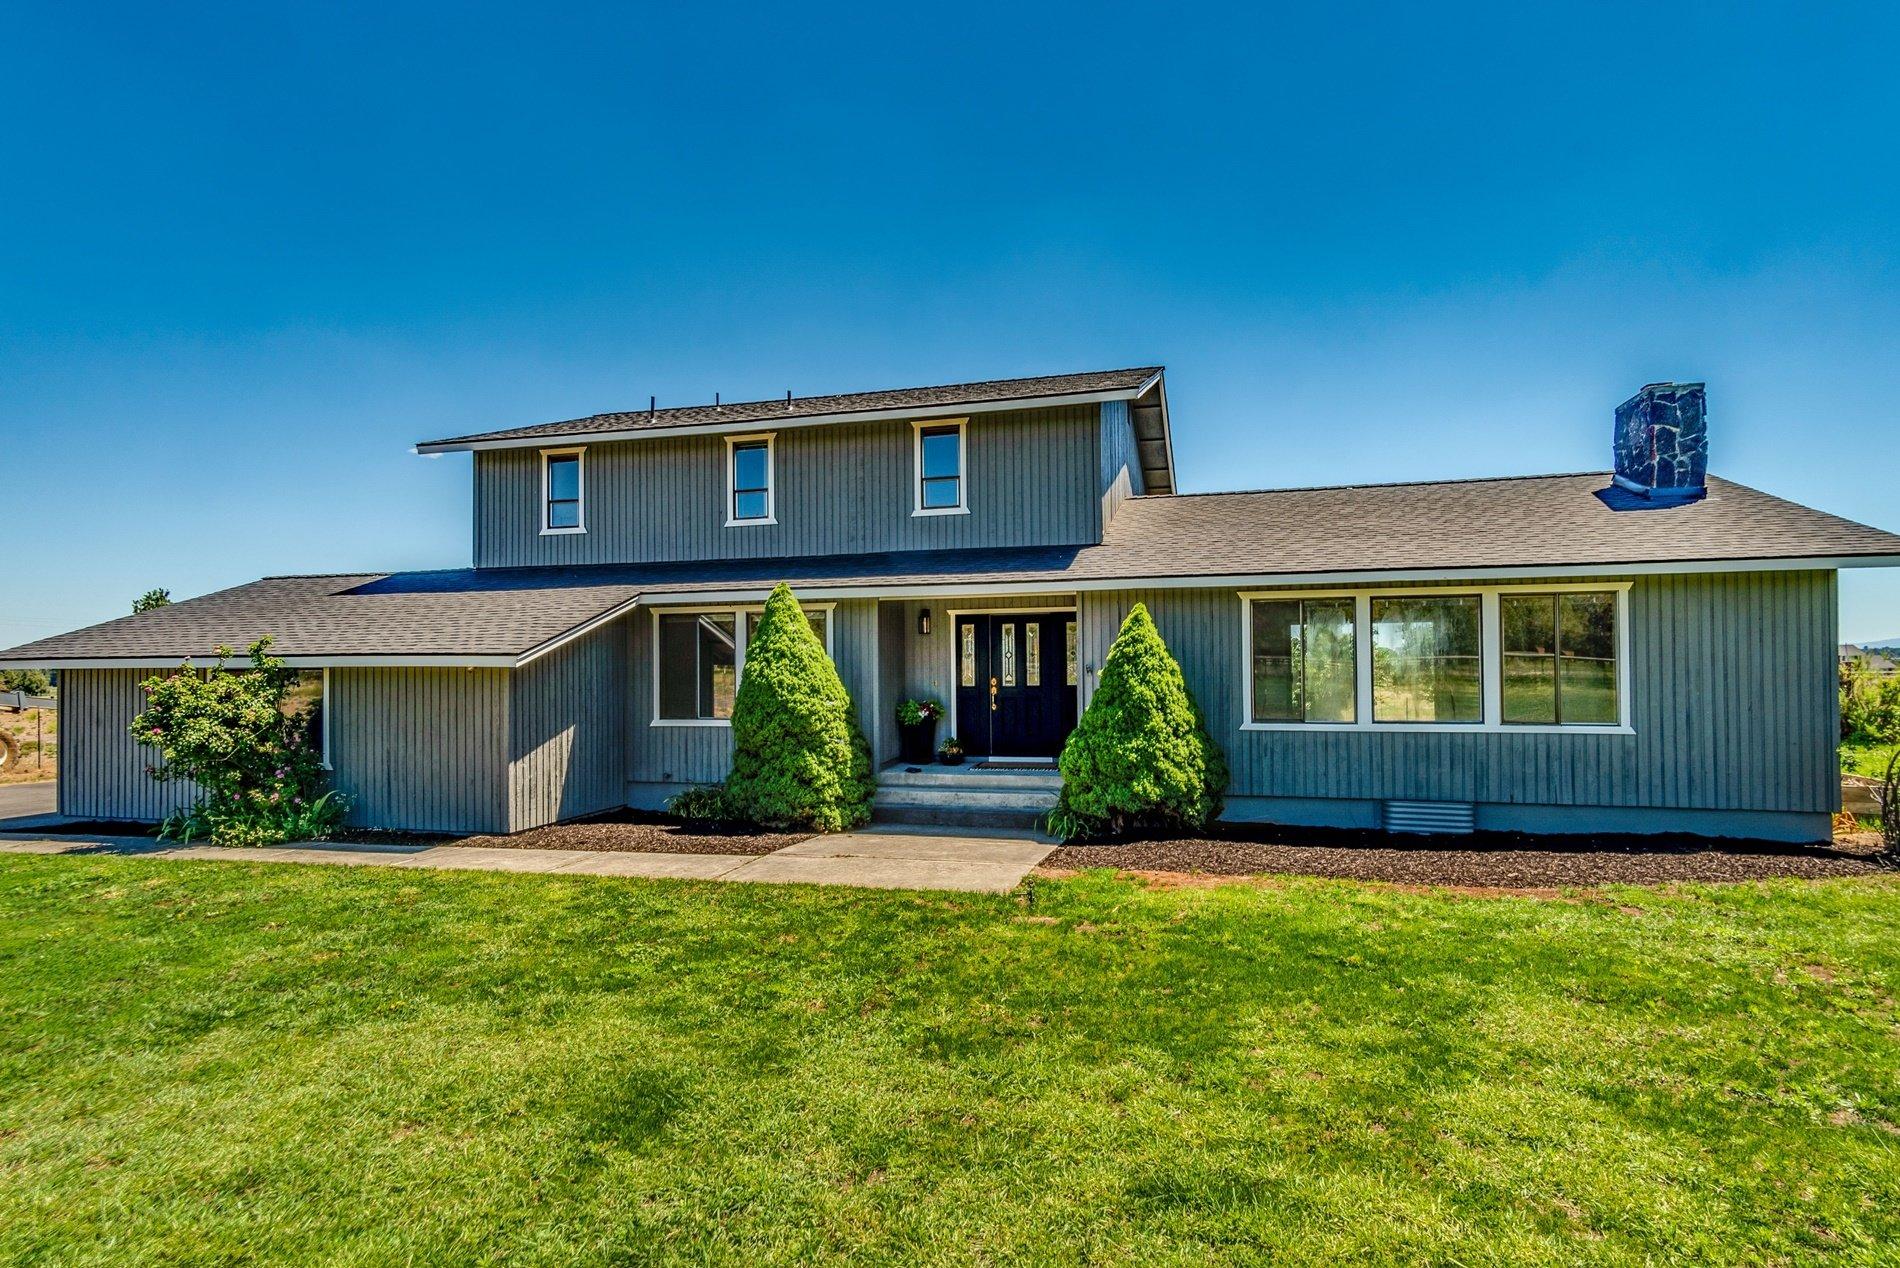 Maison à Bend, Oregon, États-Unis 1 - 11532200